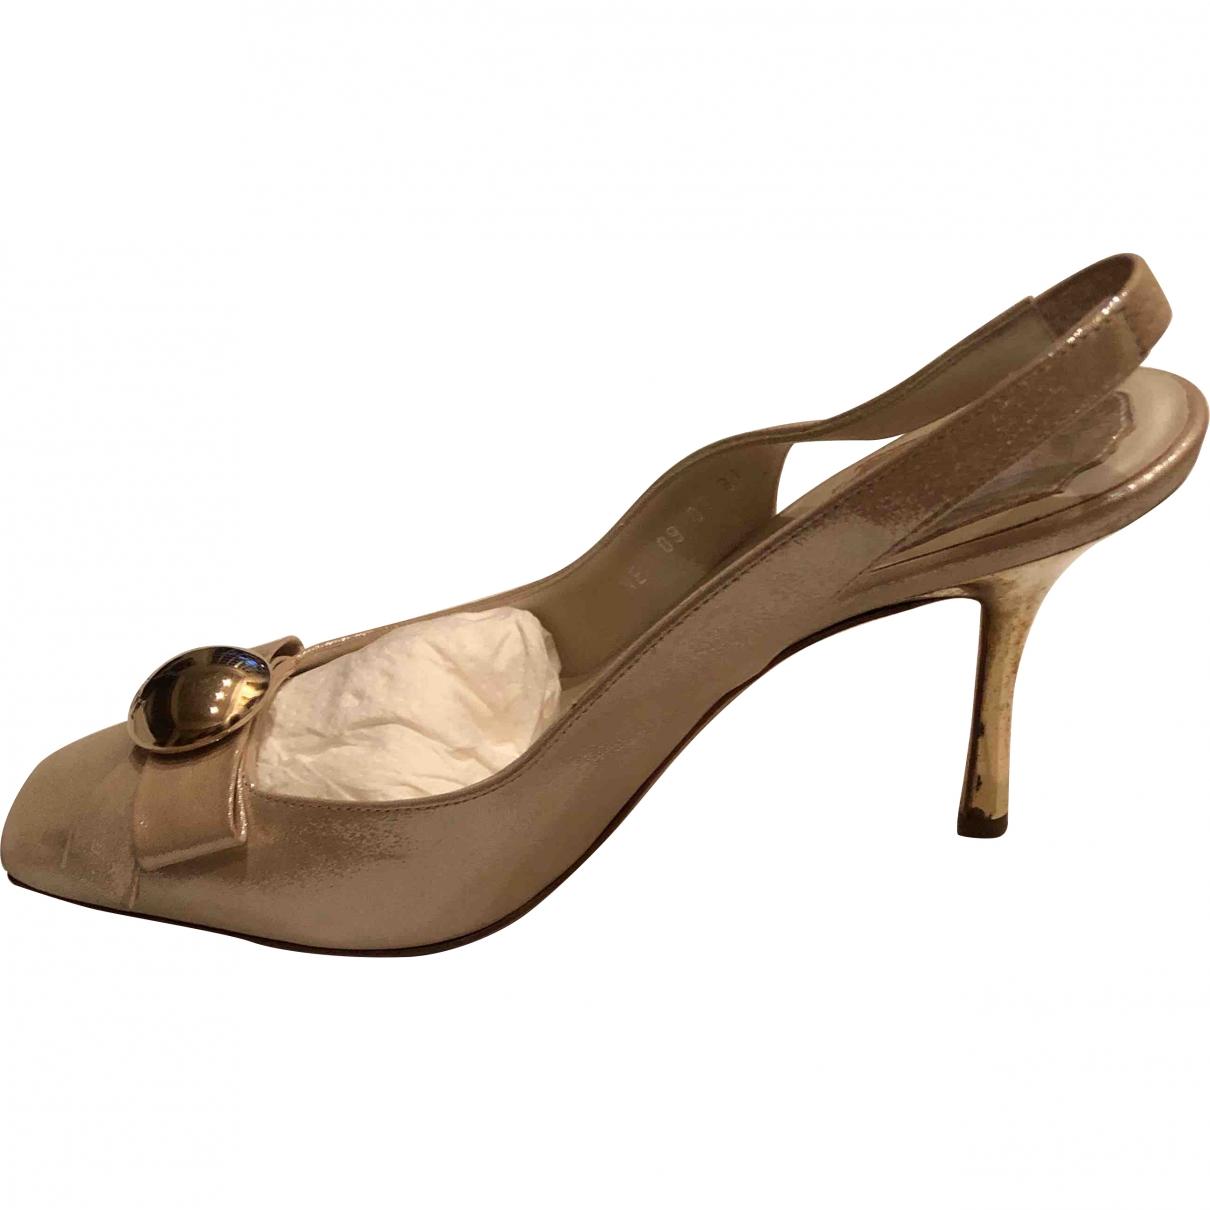 Dior - Escarpins   pour femme en a paillettes - beige